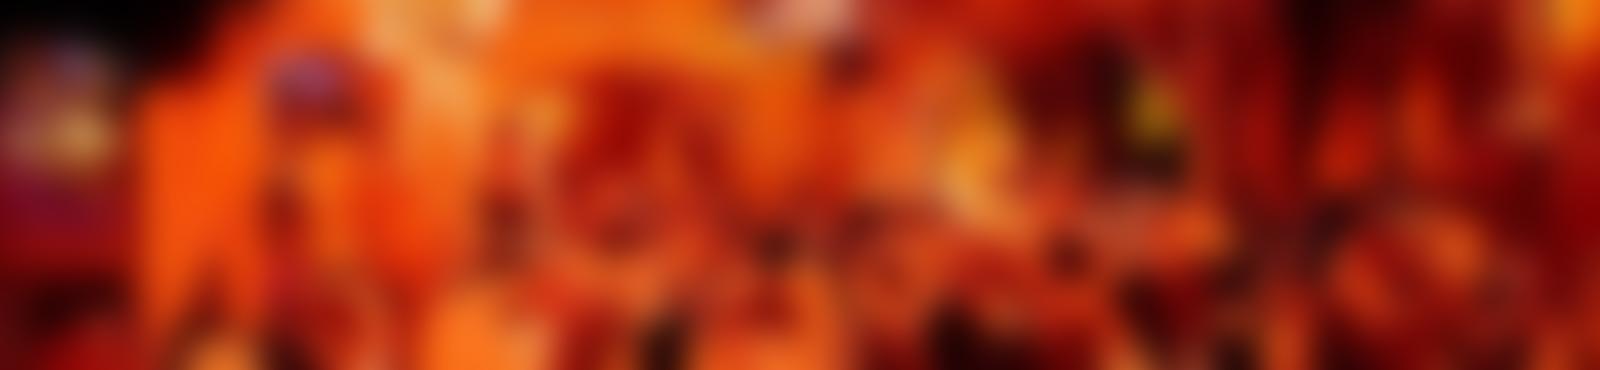 Blurred 4d81da02 d278 4e55 994c 517a00d14a28